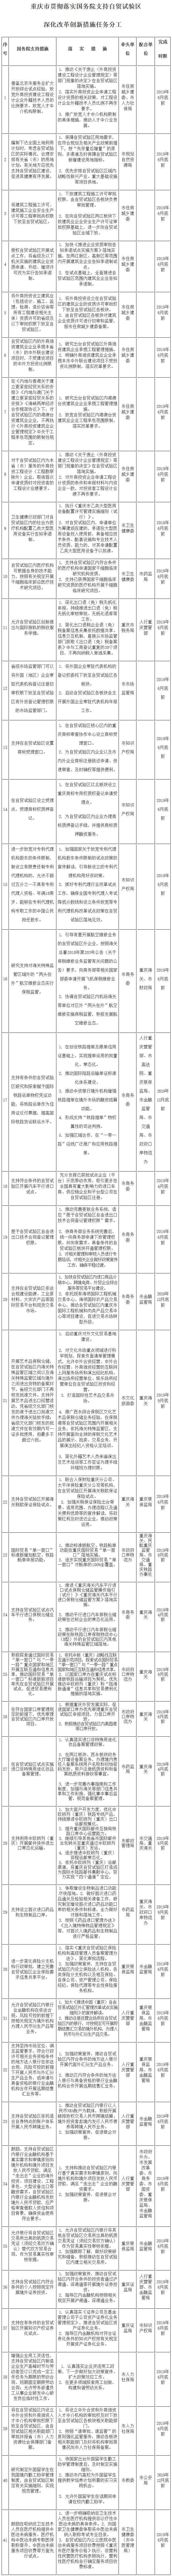 重慶市貫徹落實國務院支持自貿試驗區深化改革創新措施任務分工